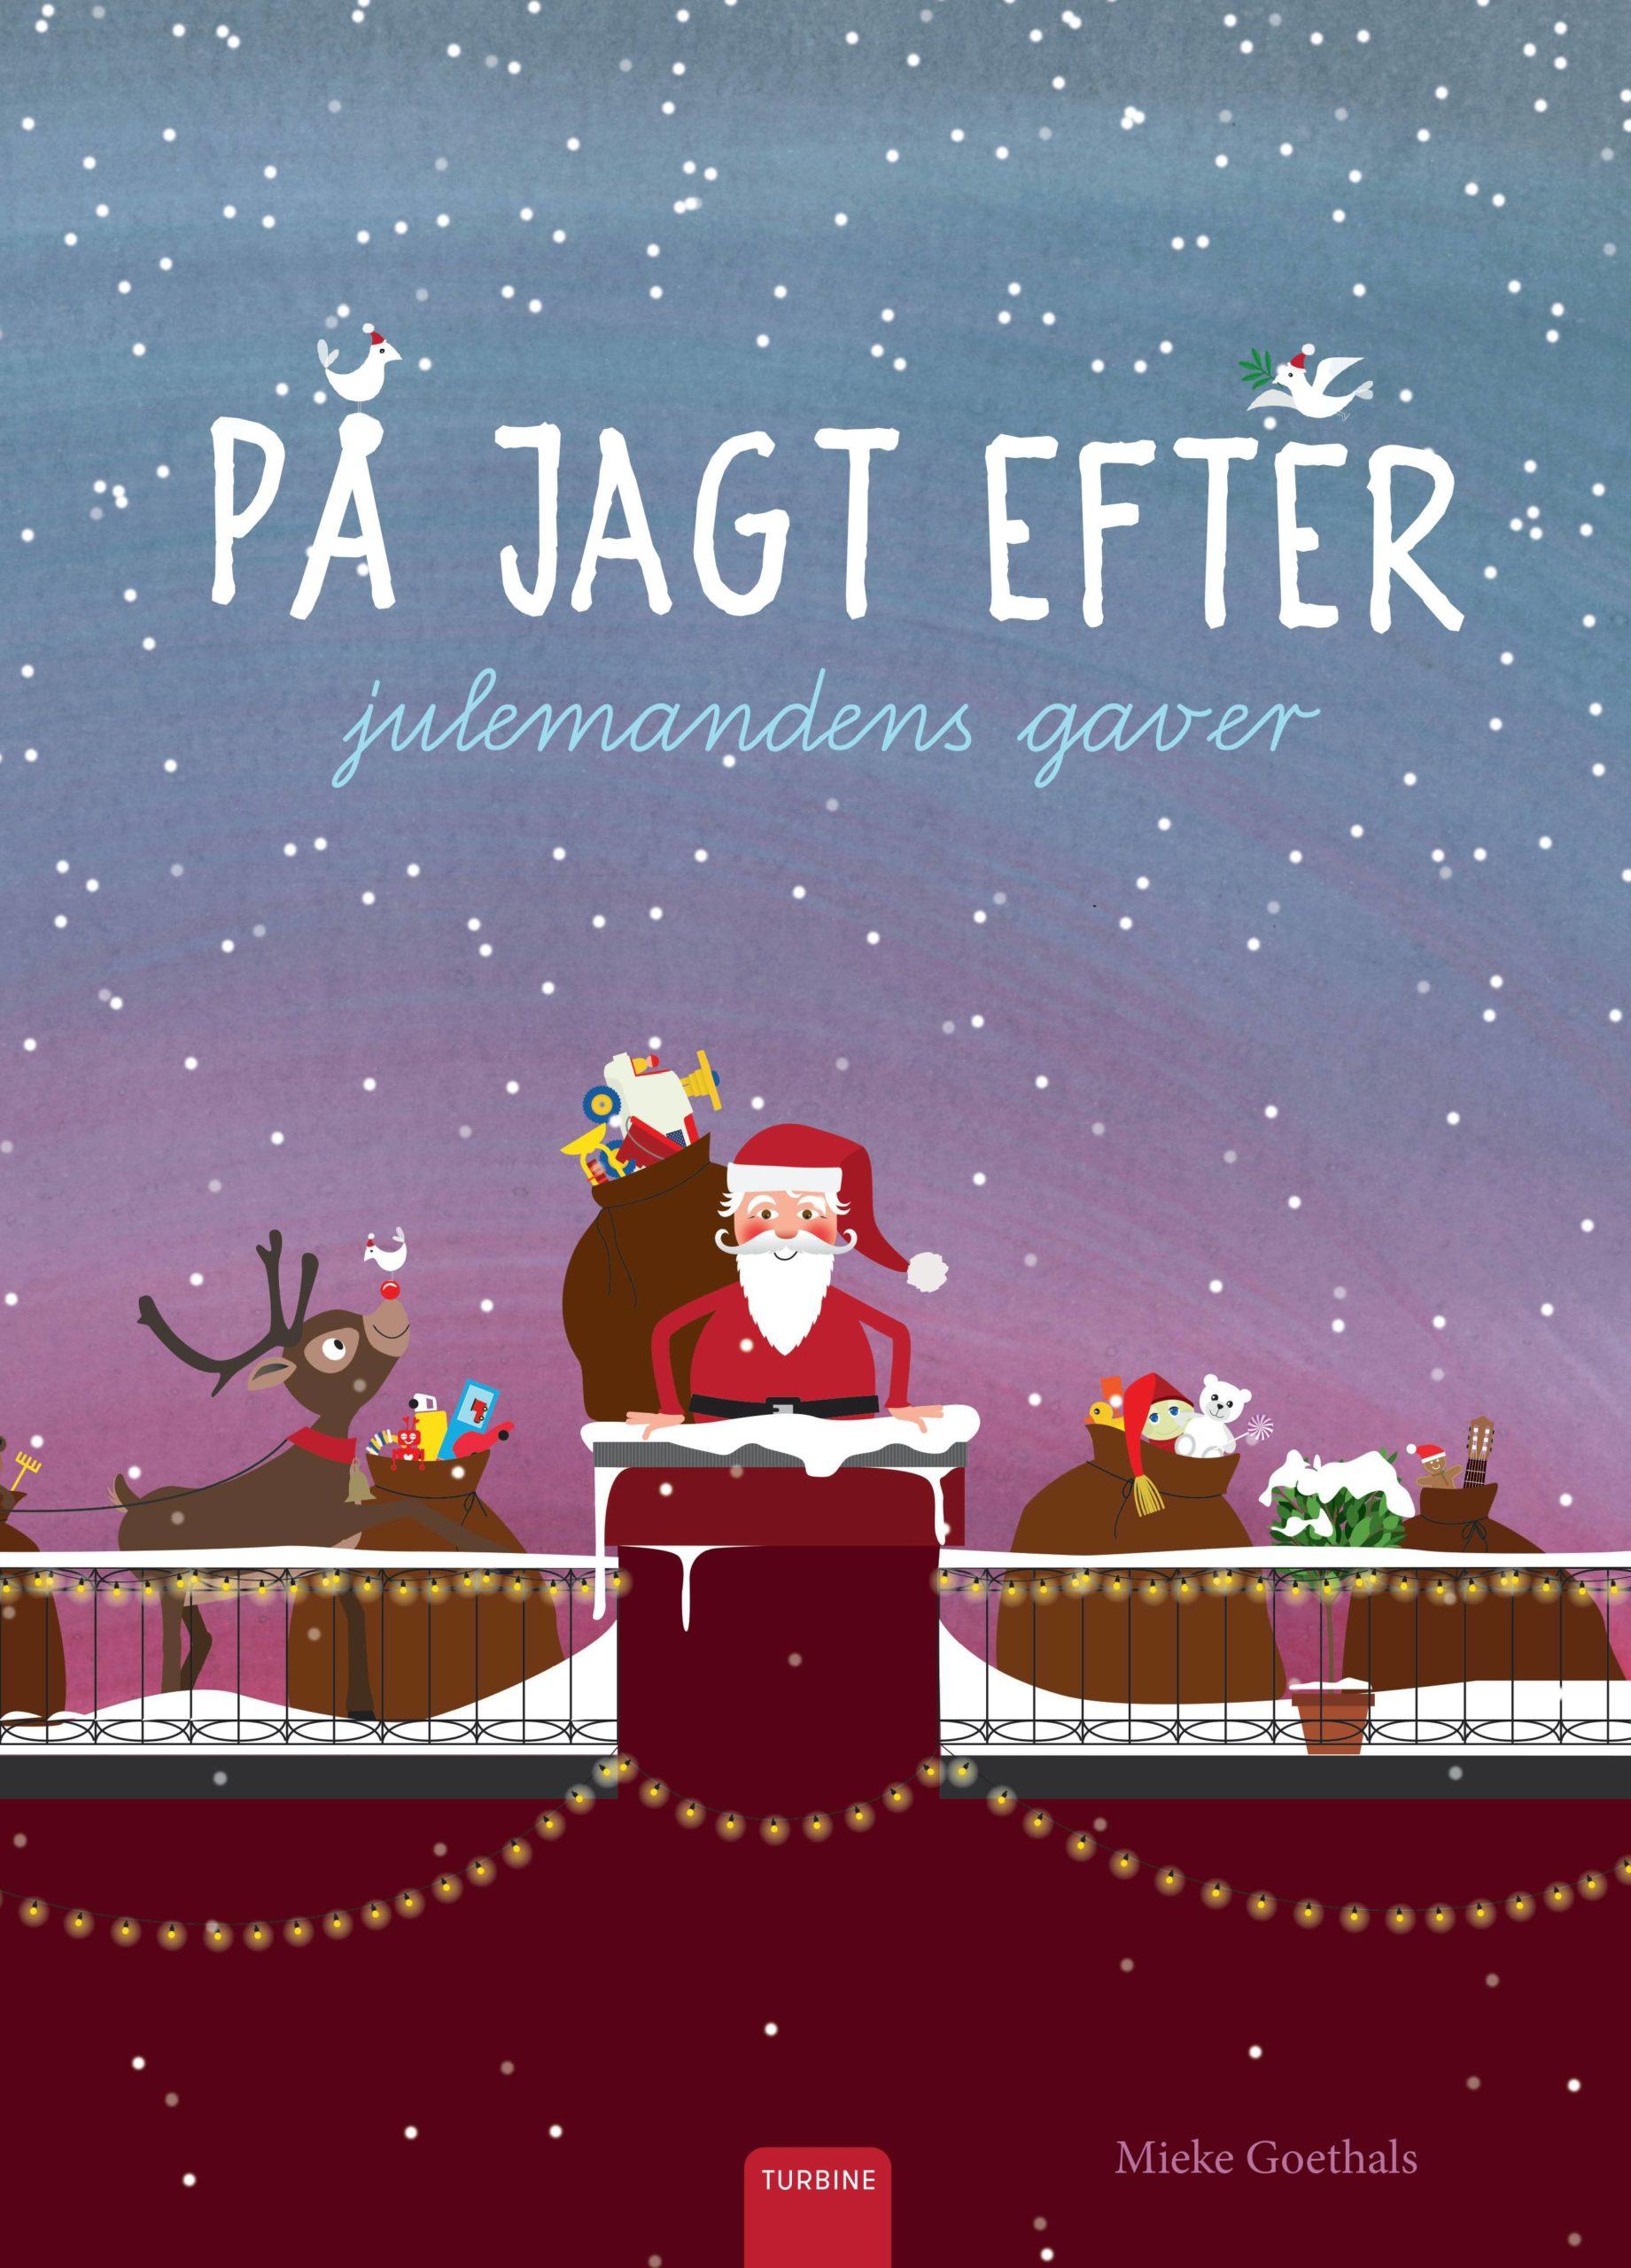 På jagt efter julemandens gaver